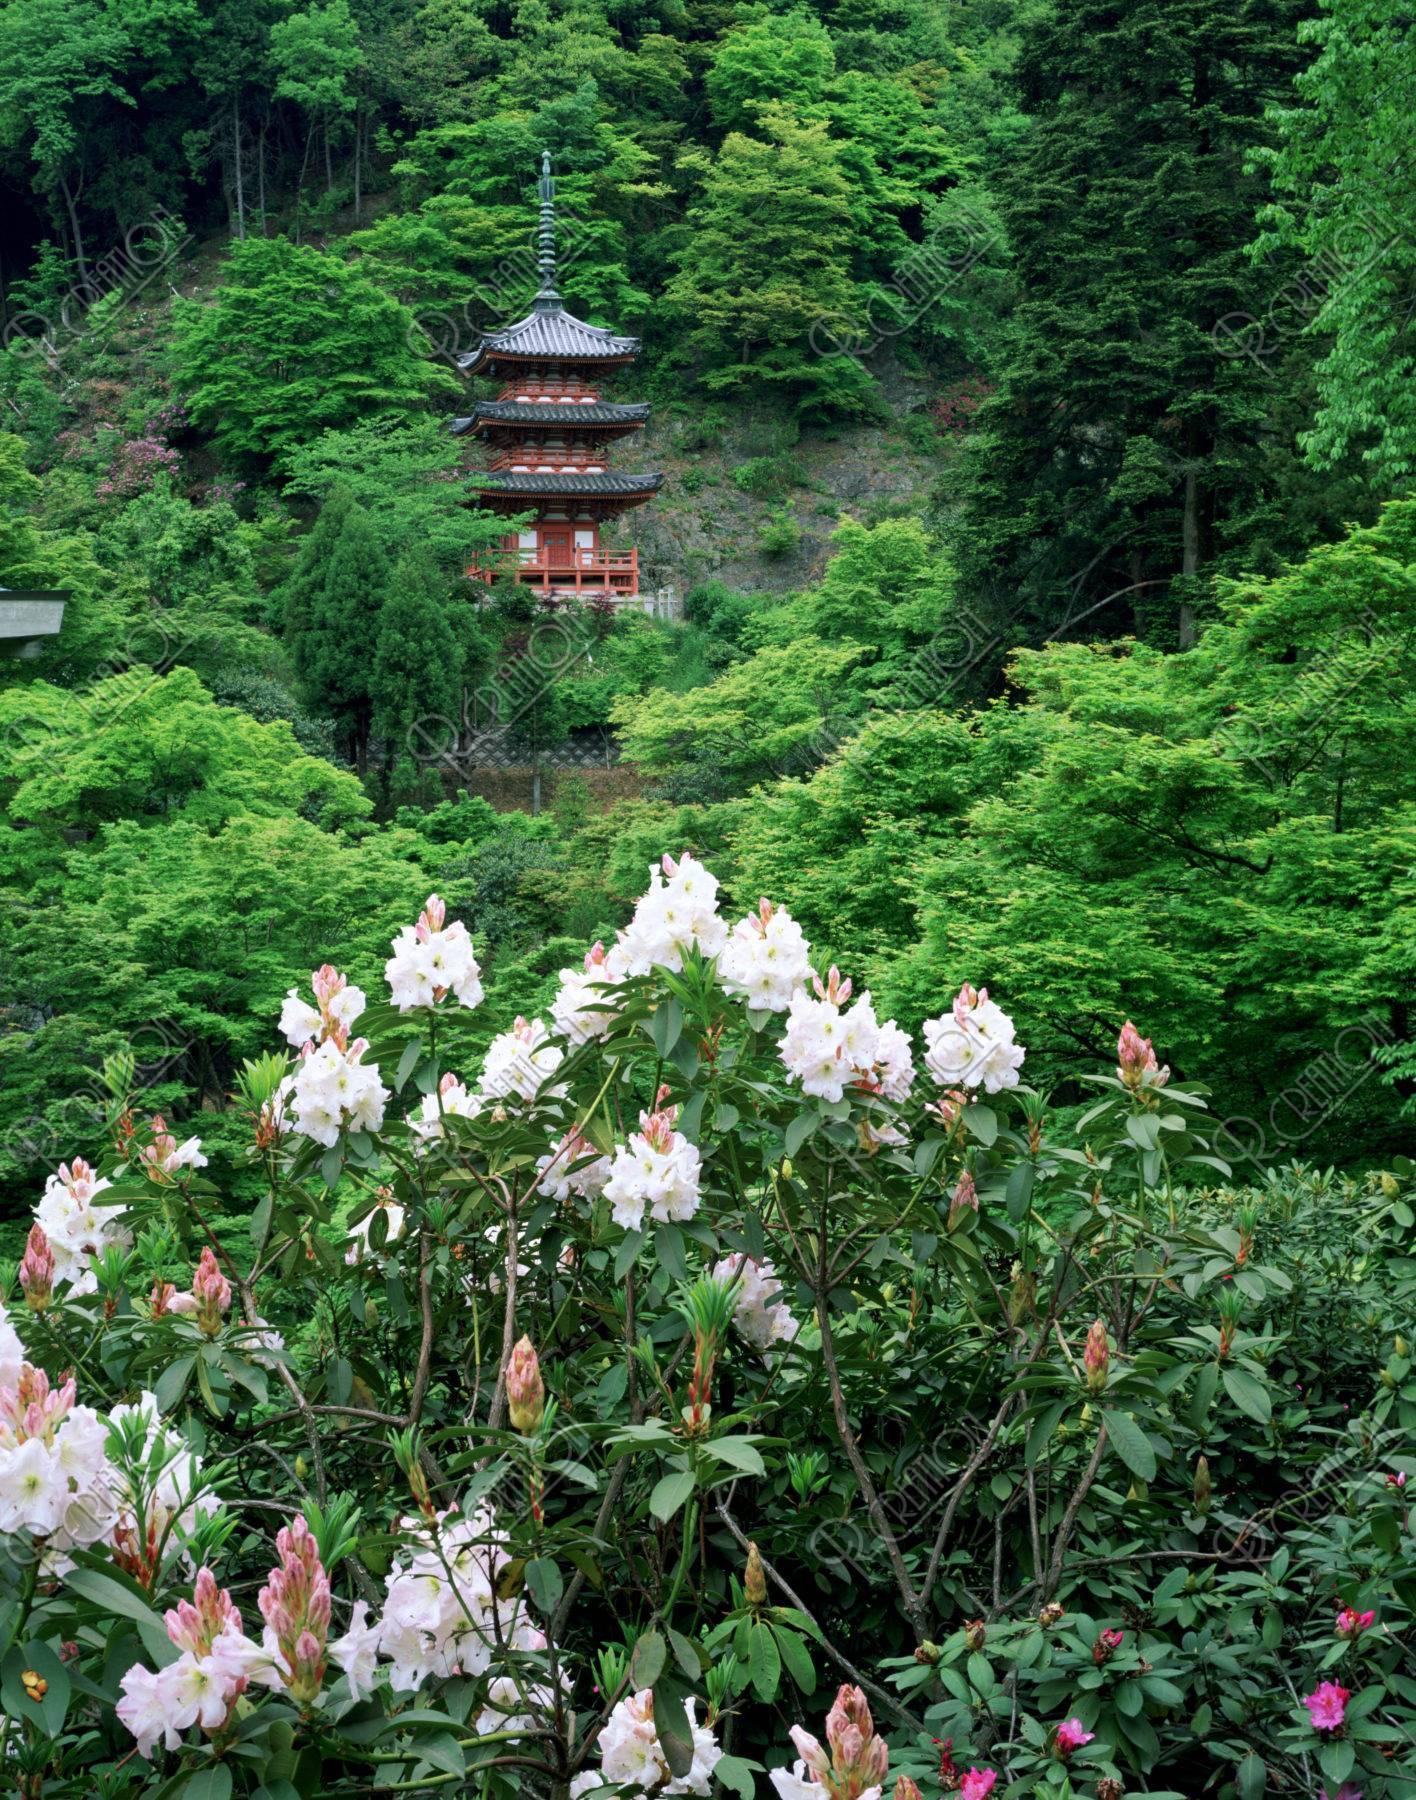 三室戸寺三重塔とシャクナゲ